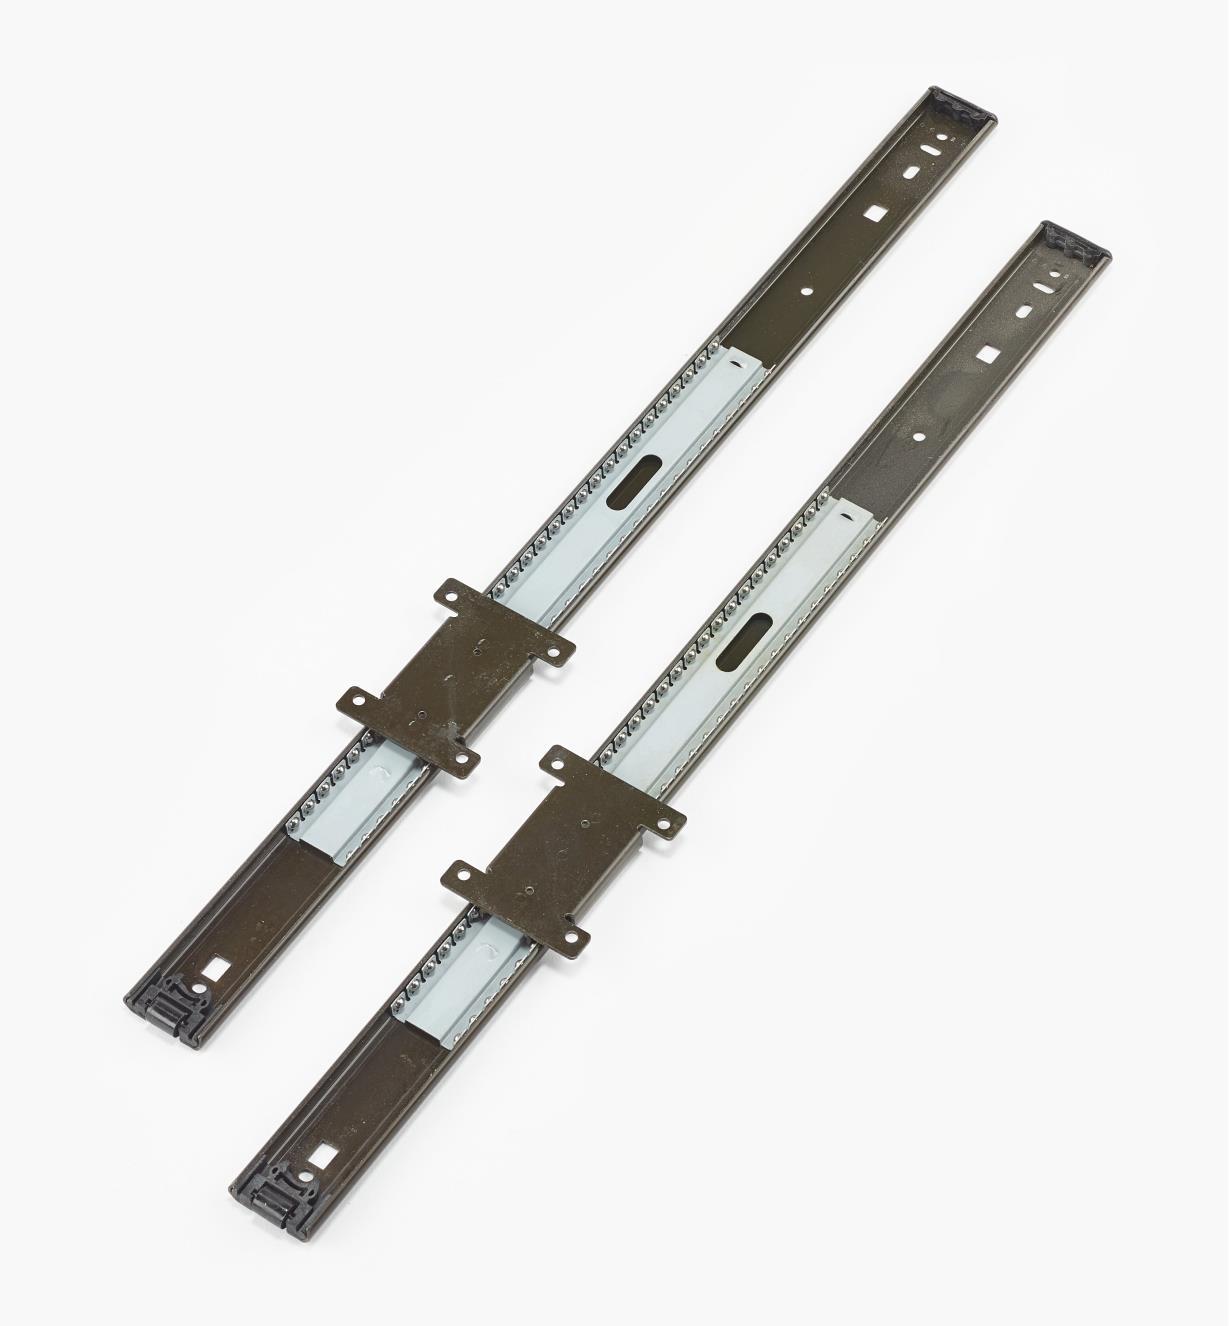 02K3522 - Coulisses pour porte escamotable, 22po, la paire